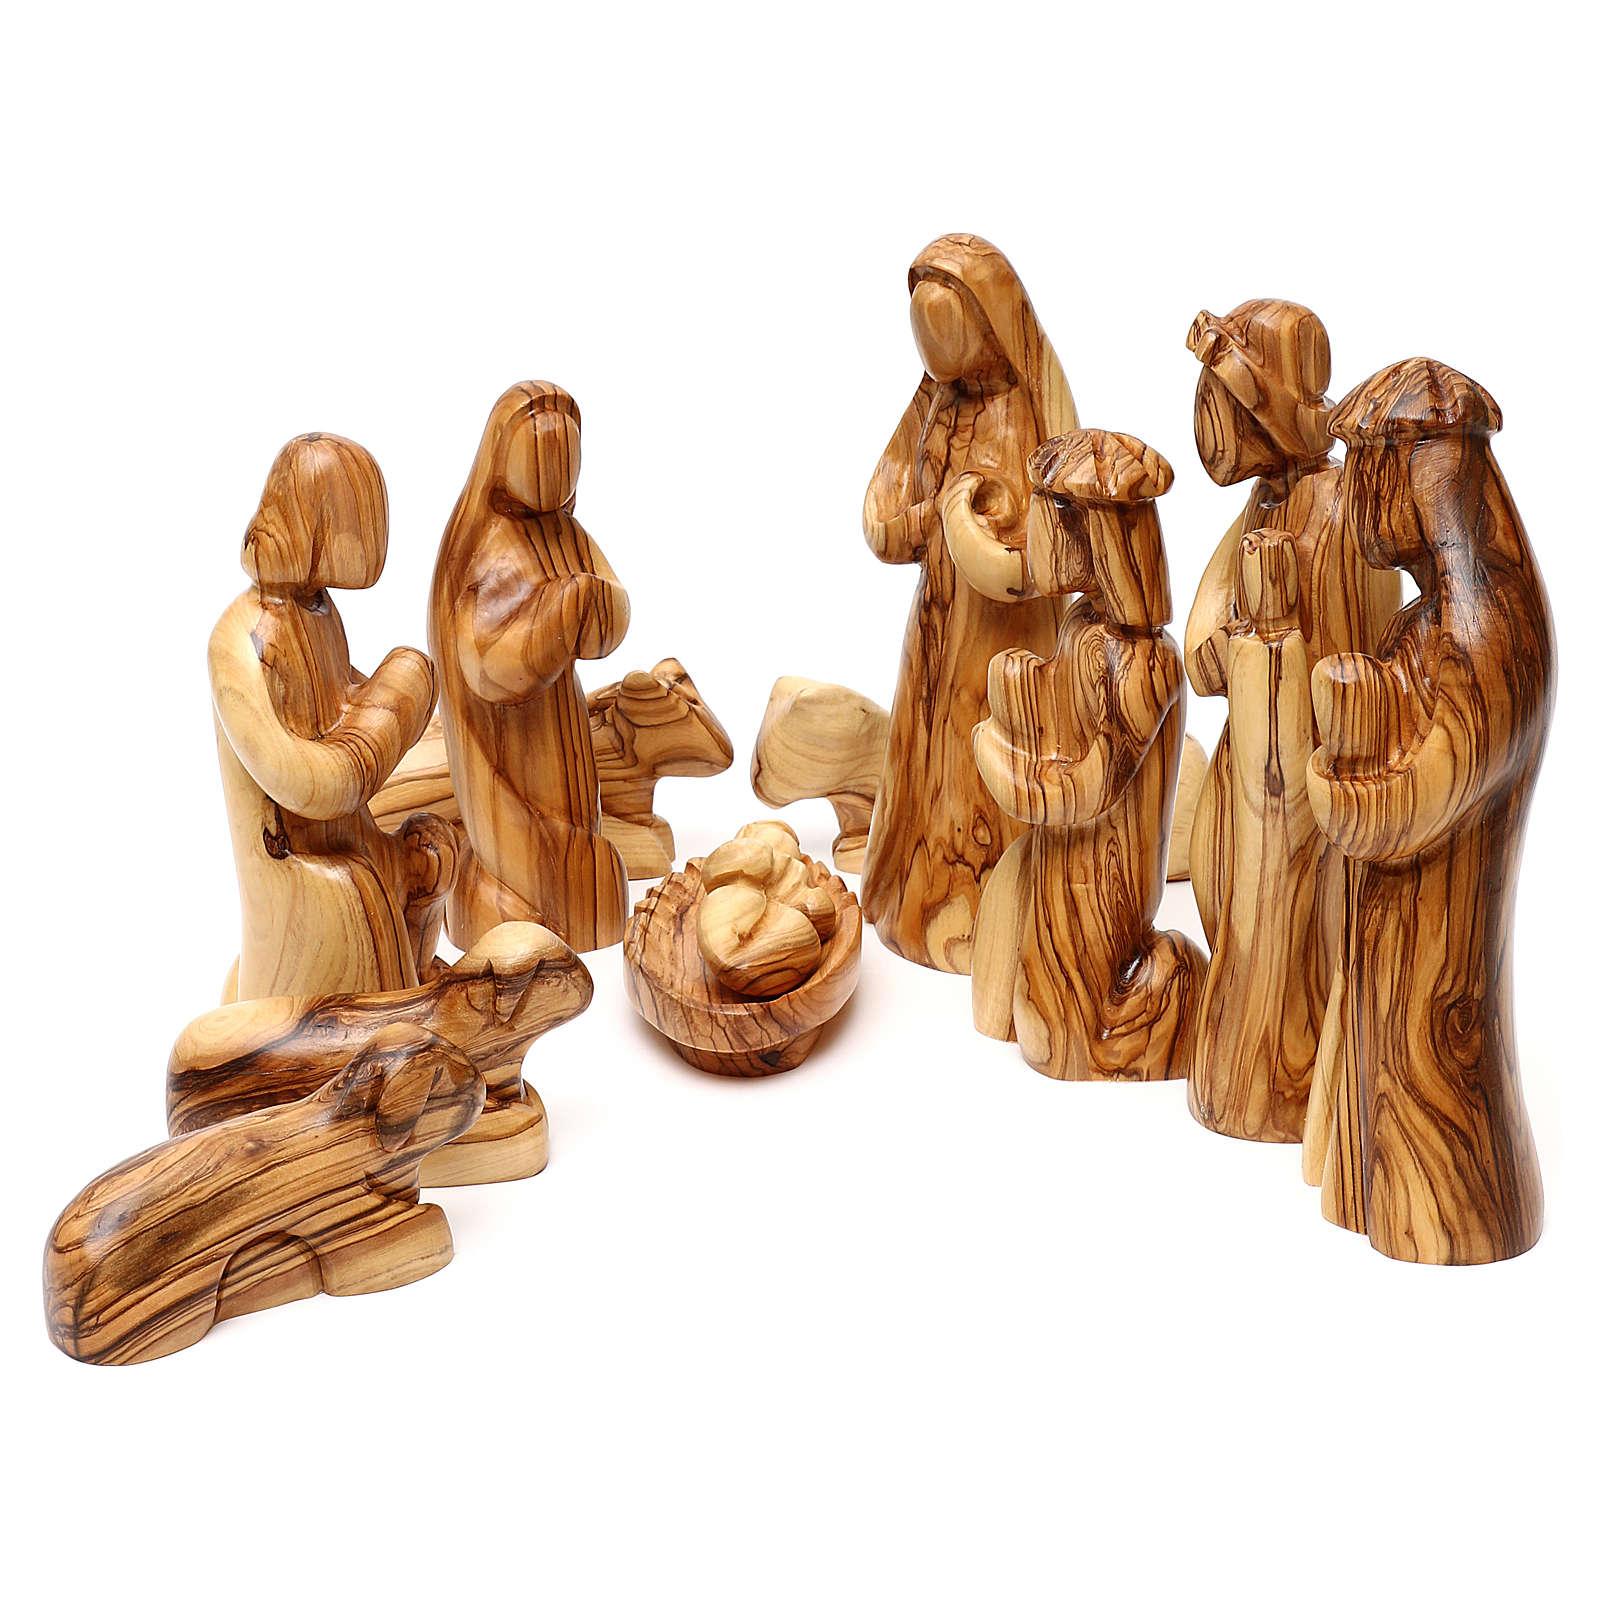 Set Nativité 12 pcs en bois d'olivier de Bethléem 36 cm 4